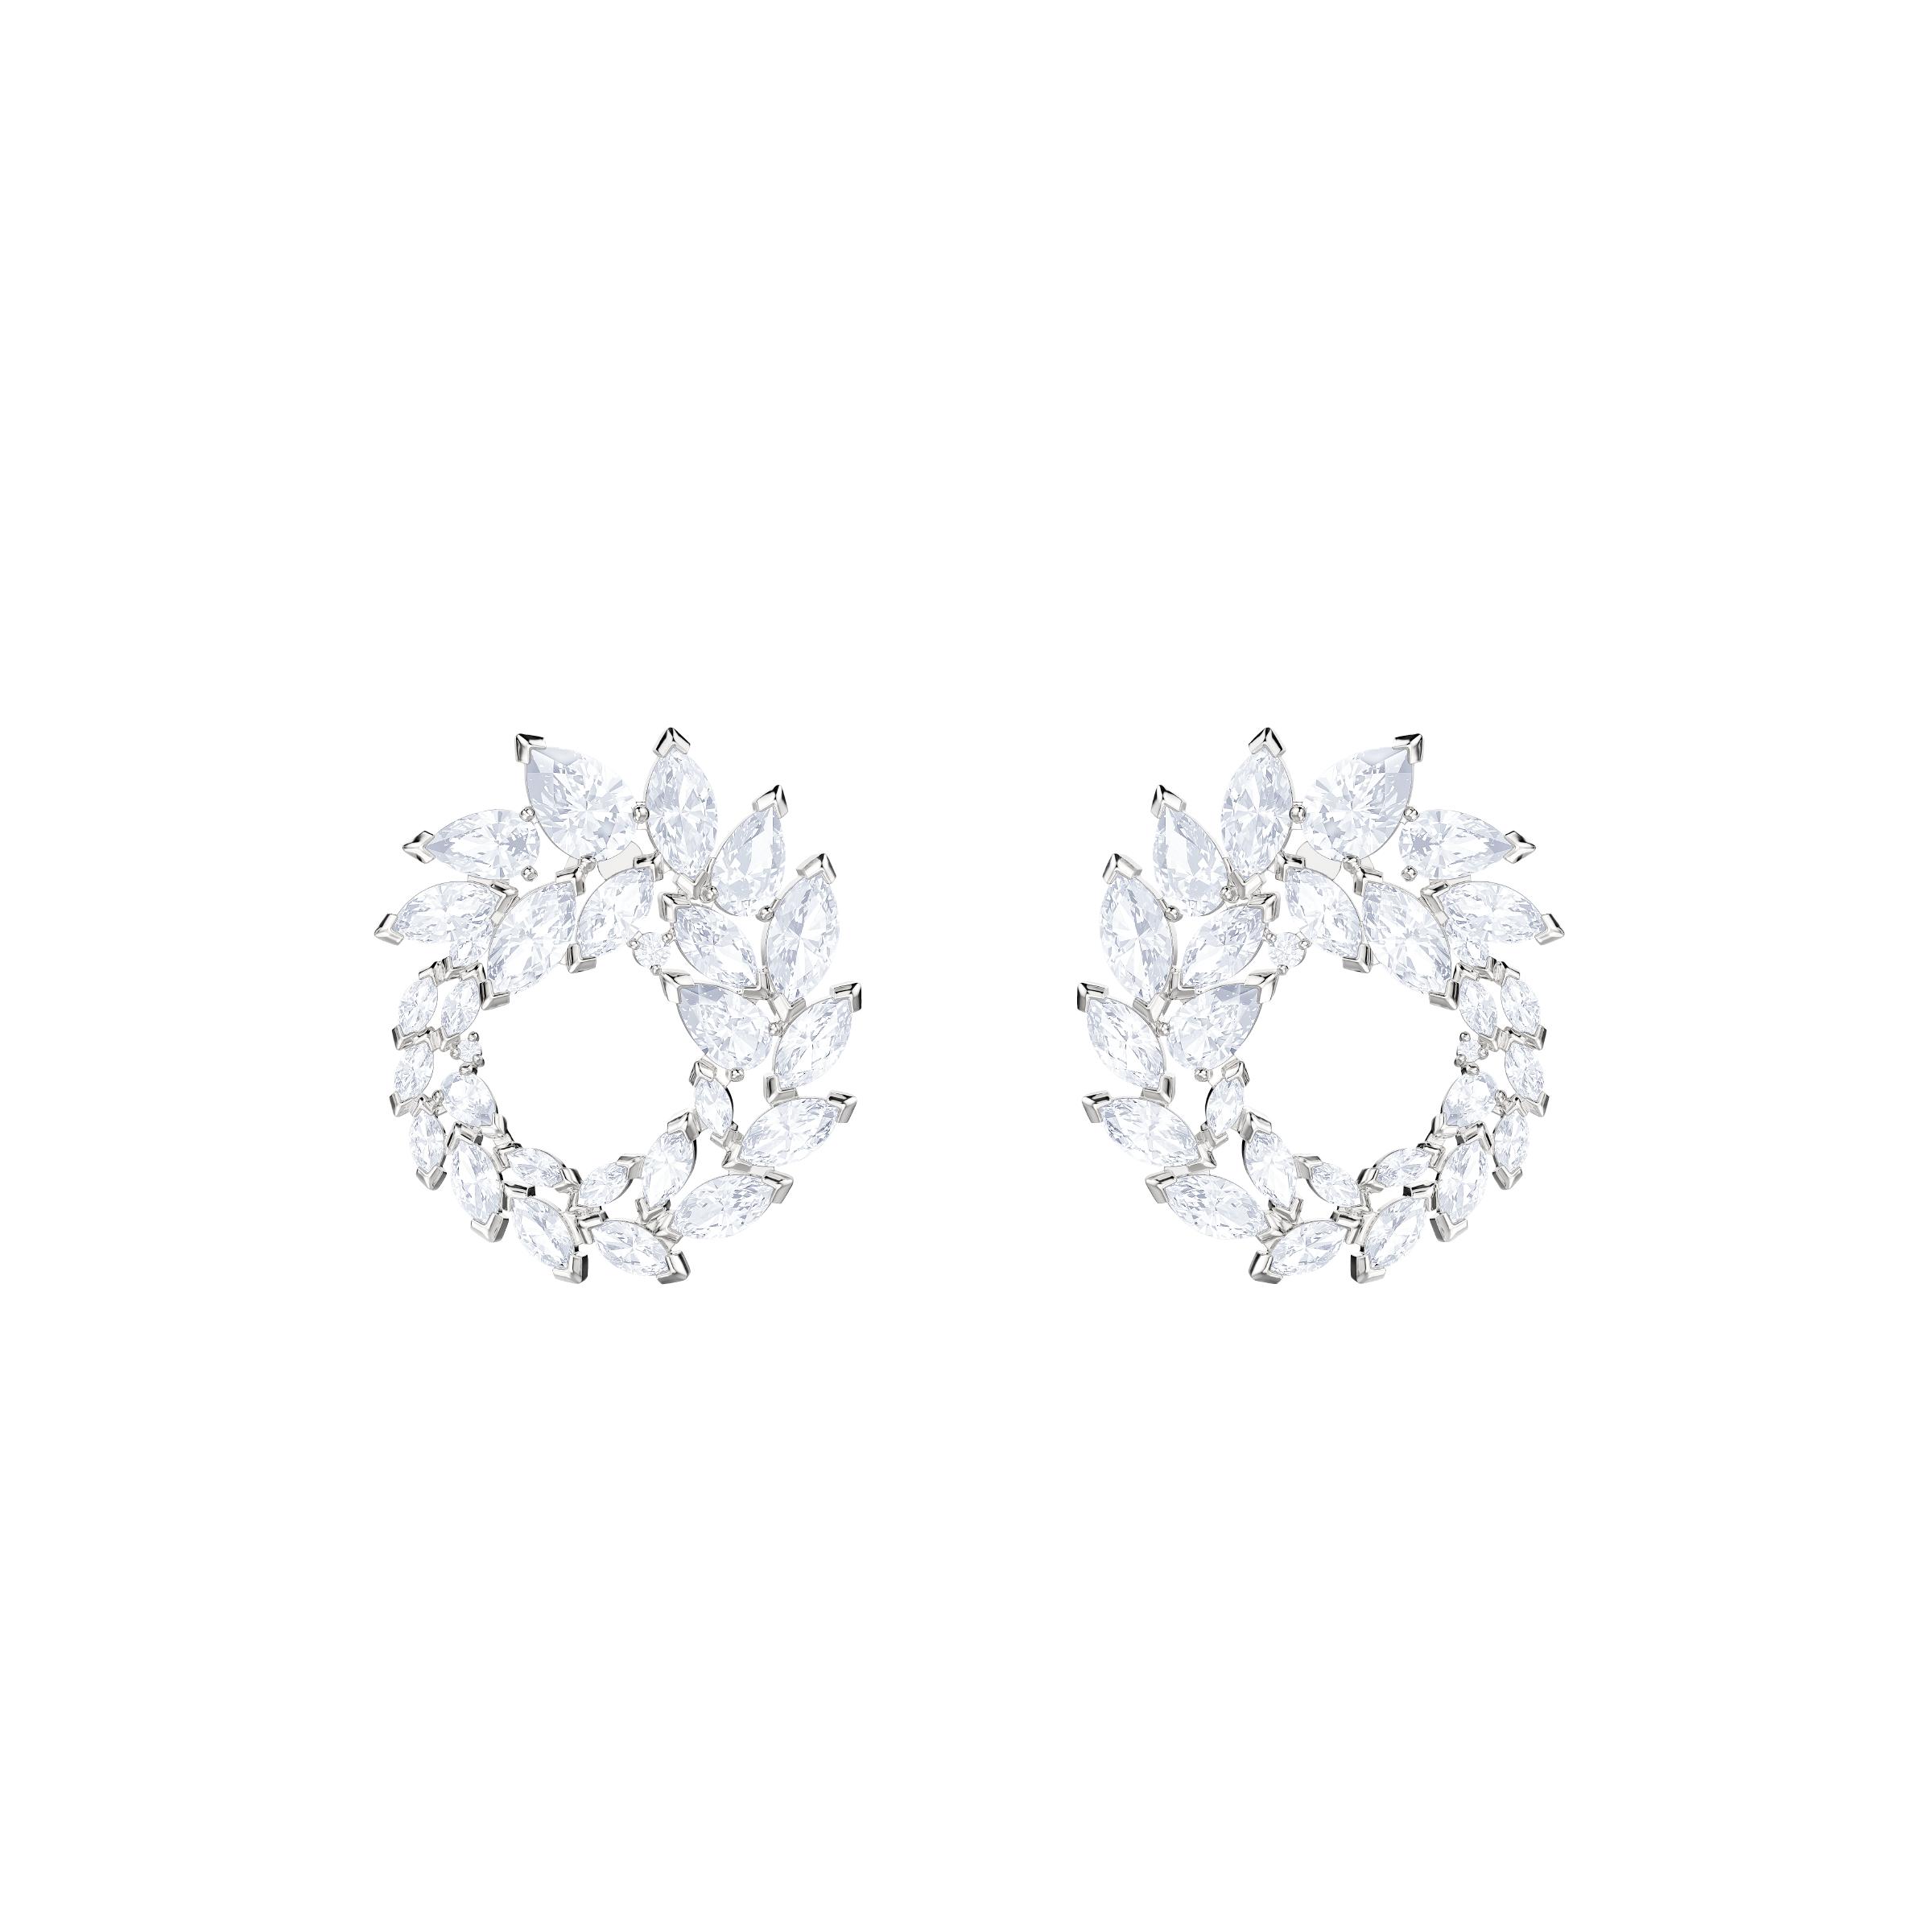 Louison Hoop Pierced Earrings, White, Rhodium Plating